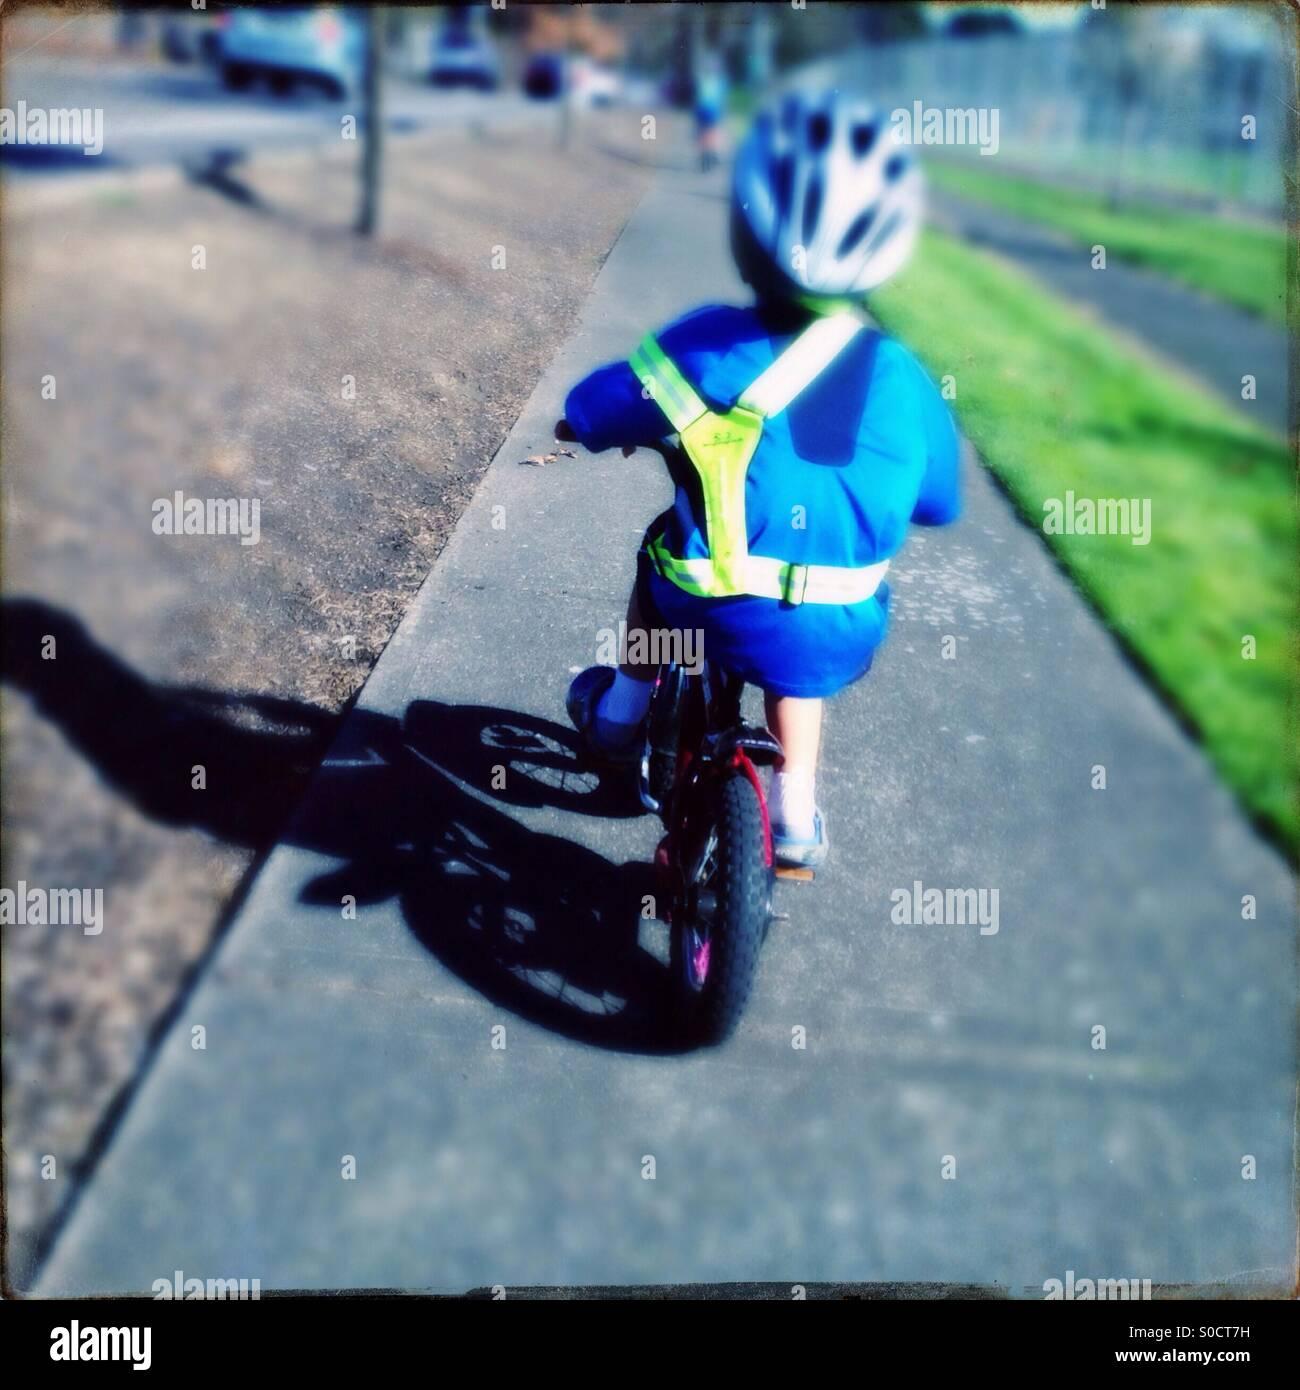 Équitation enfant location sur trottoir portant un gilet à bandes réfléchissantes et casque Photo Stock